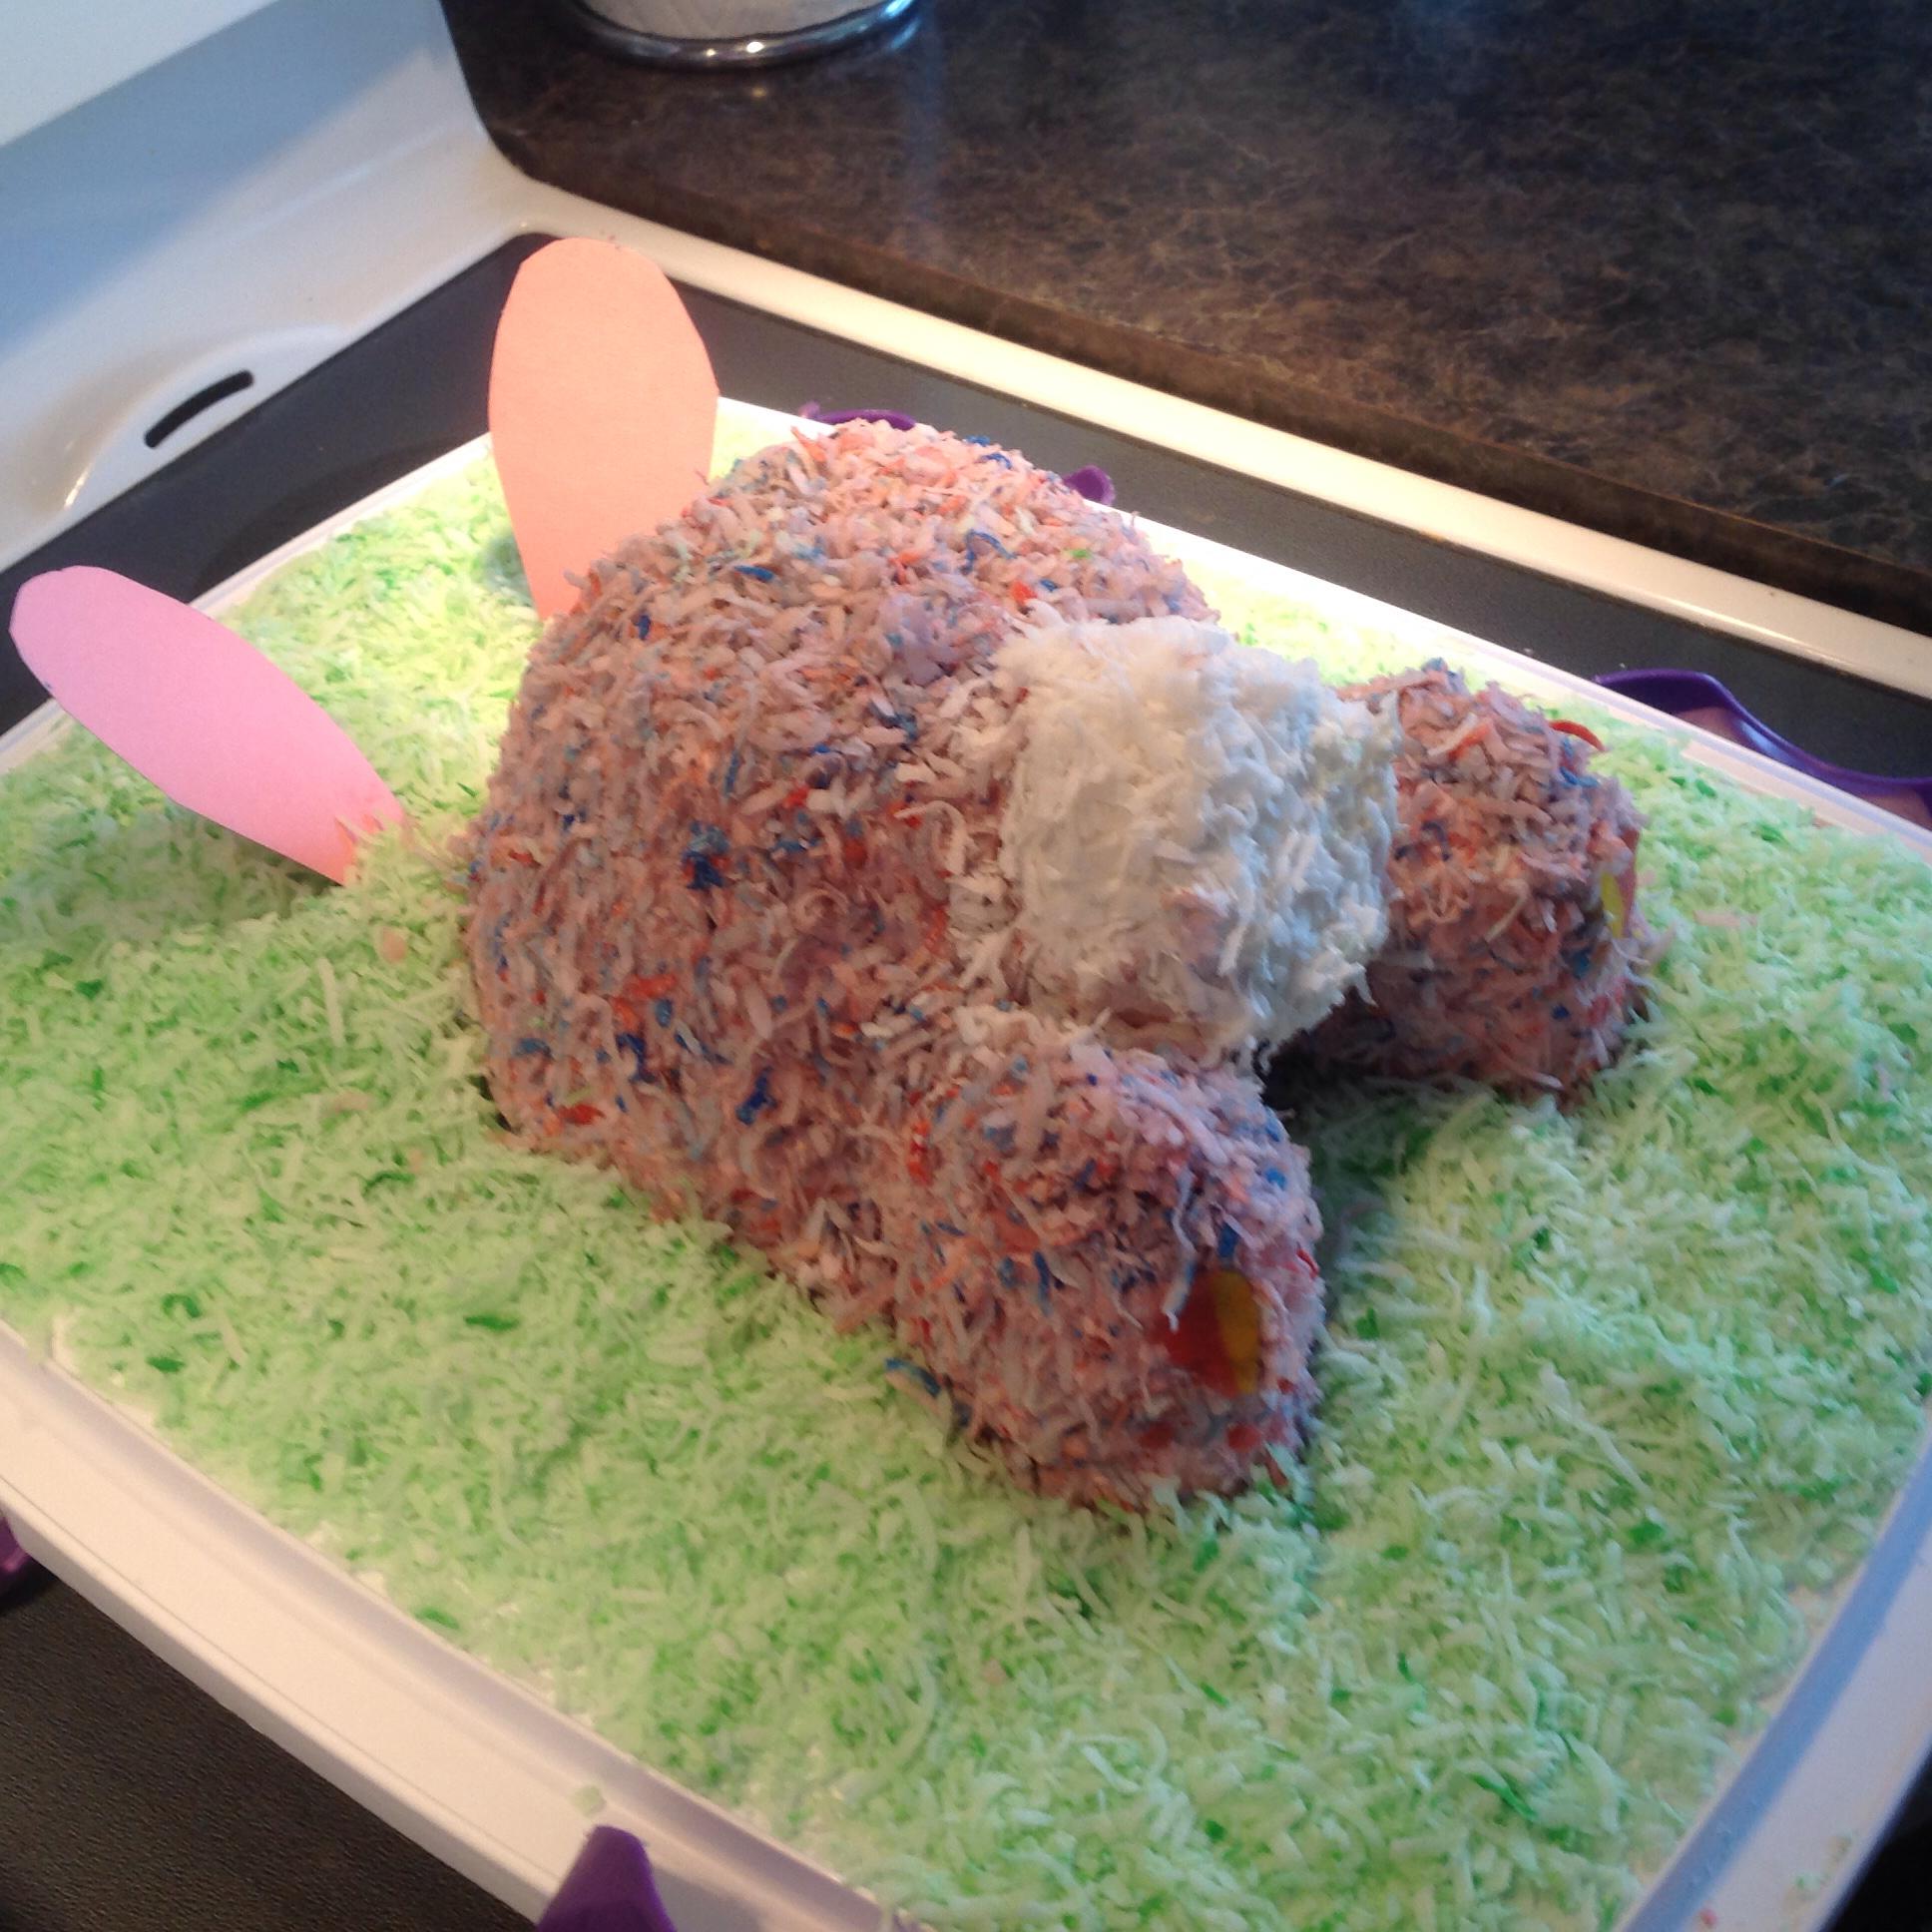 Easter Bunny 'Butt' Cake